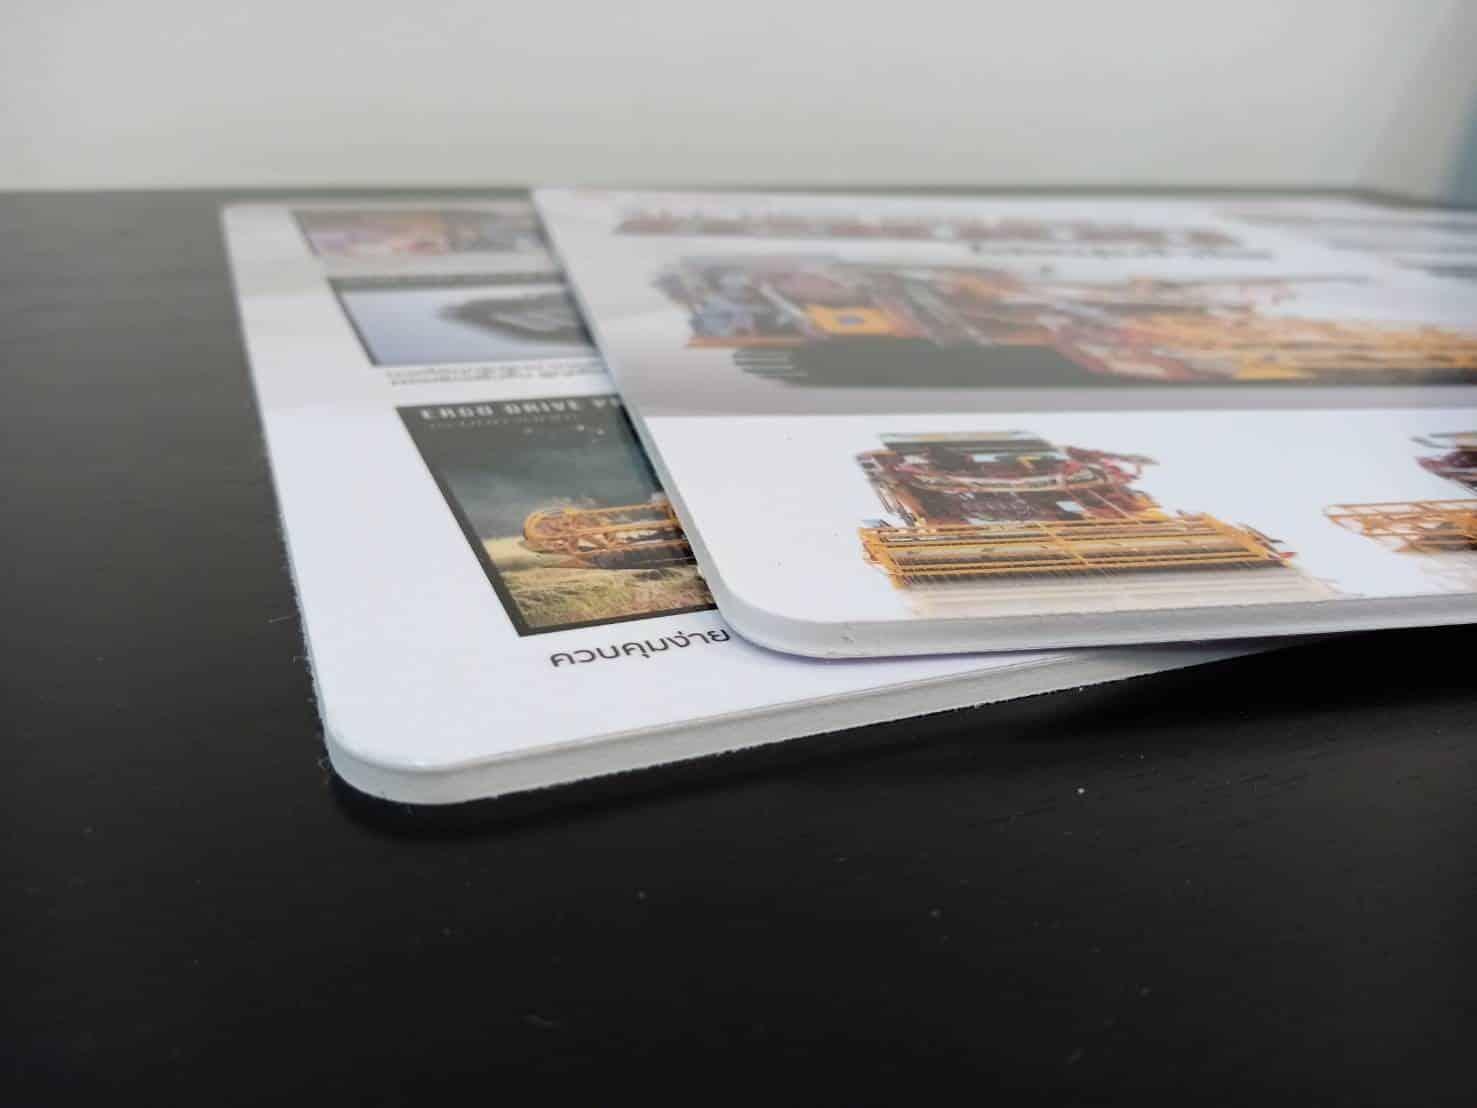 282341 - ตัวอย่างงานแผ่นแค็ตตาล็อกสินค้า: รถเกี่ยวข้าว รุ่น ไอ้หนุ่มไวไฟ S9000 ALL NEW PRO